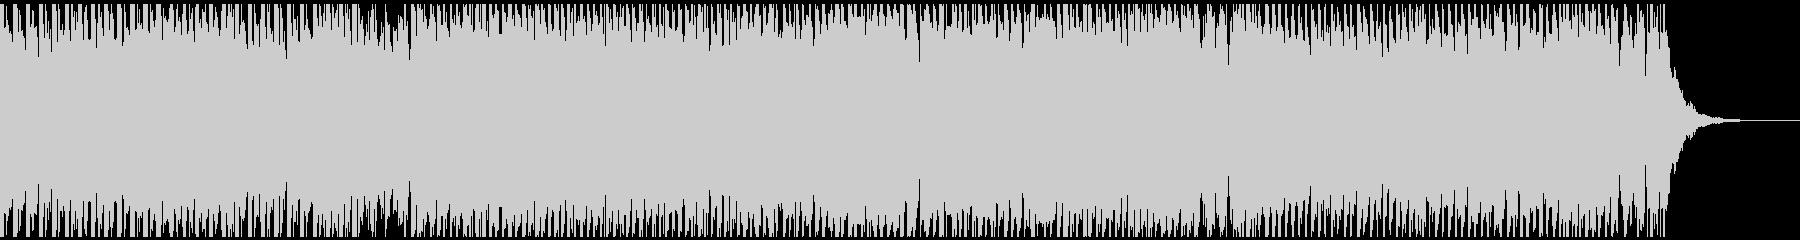 サマーパーティー(60秒)の未再生の波形